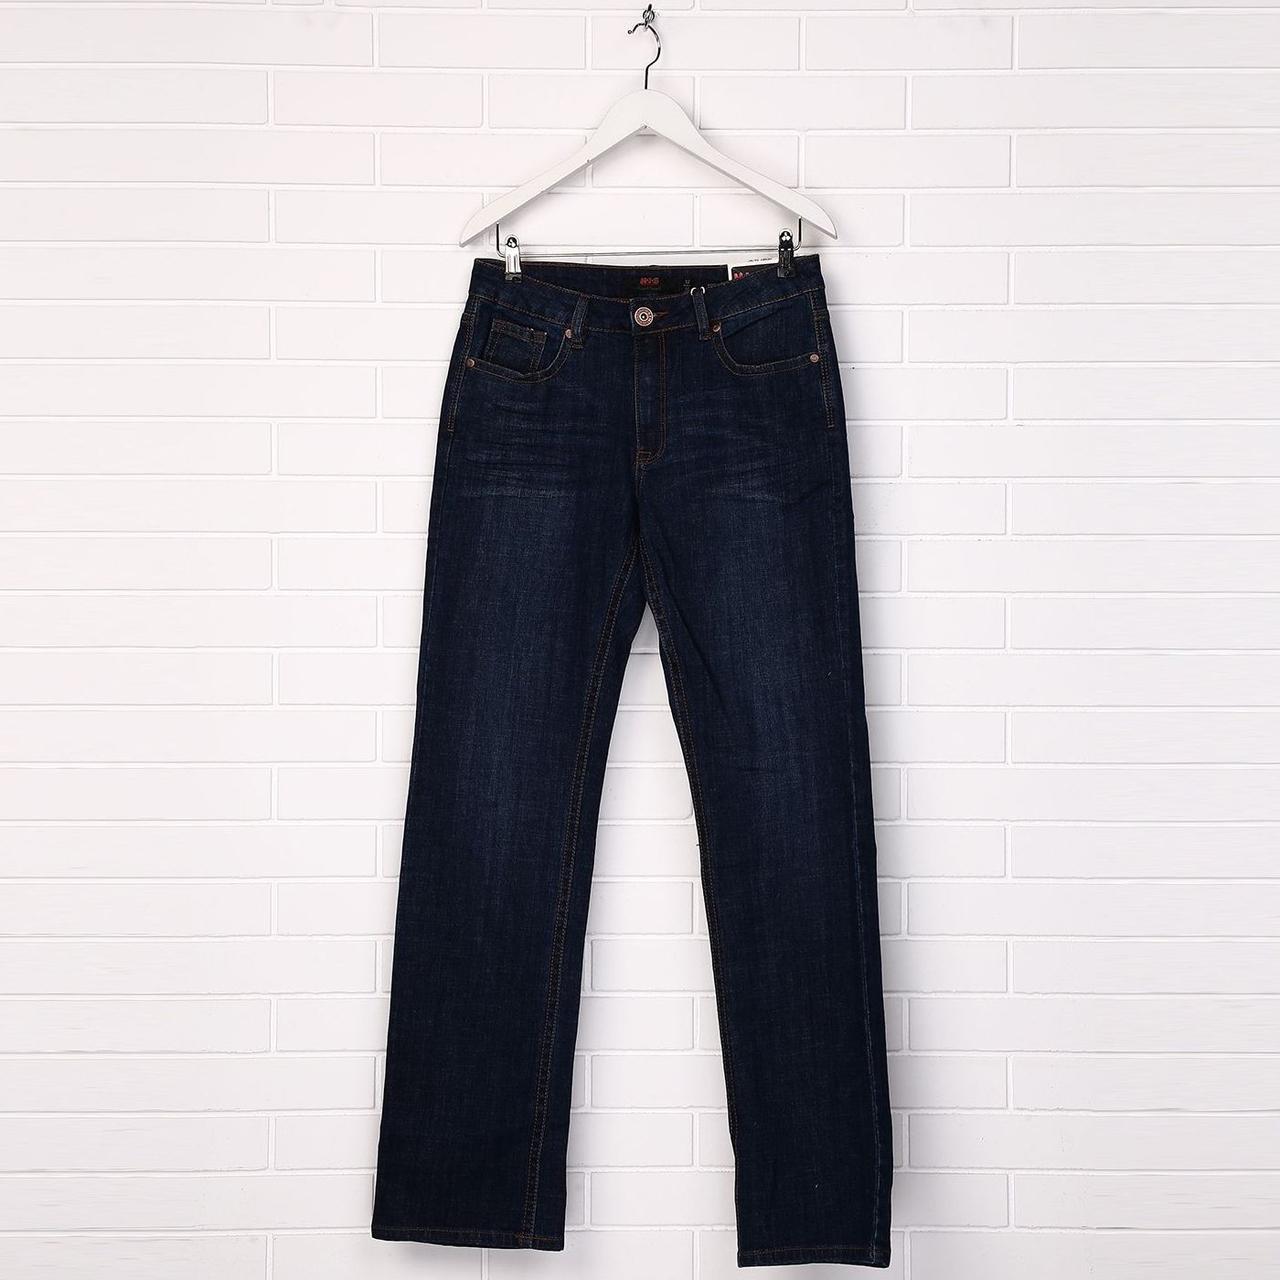 Чоловічі джинси HIS HS731900 (32W36L)